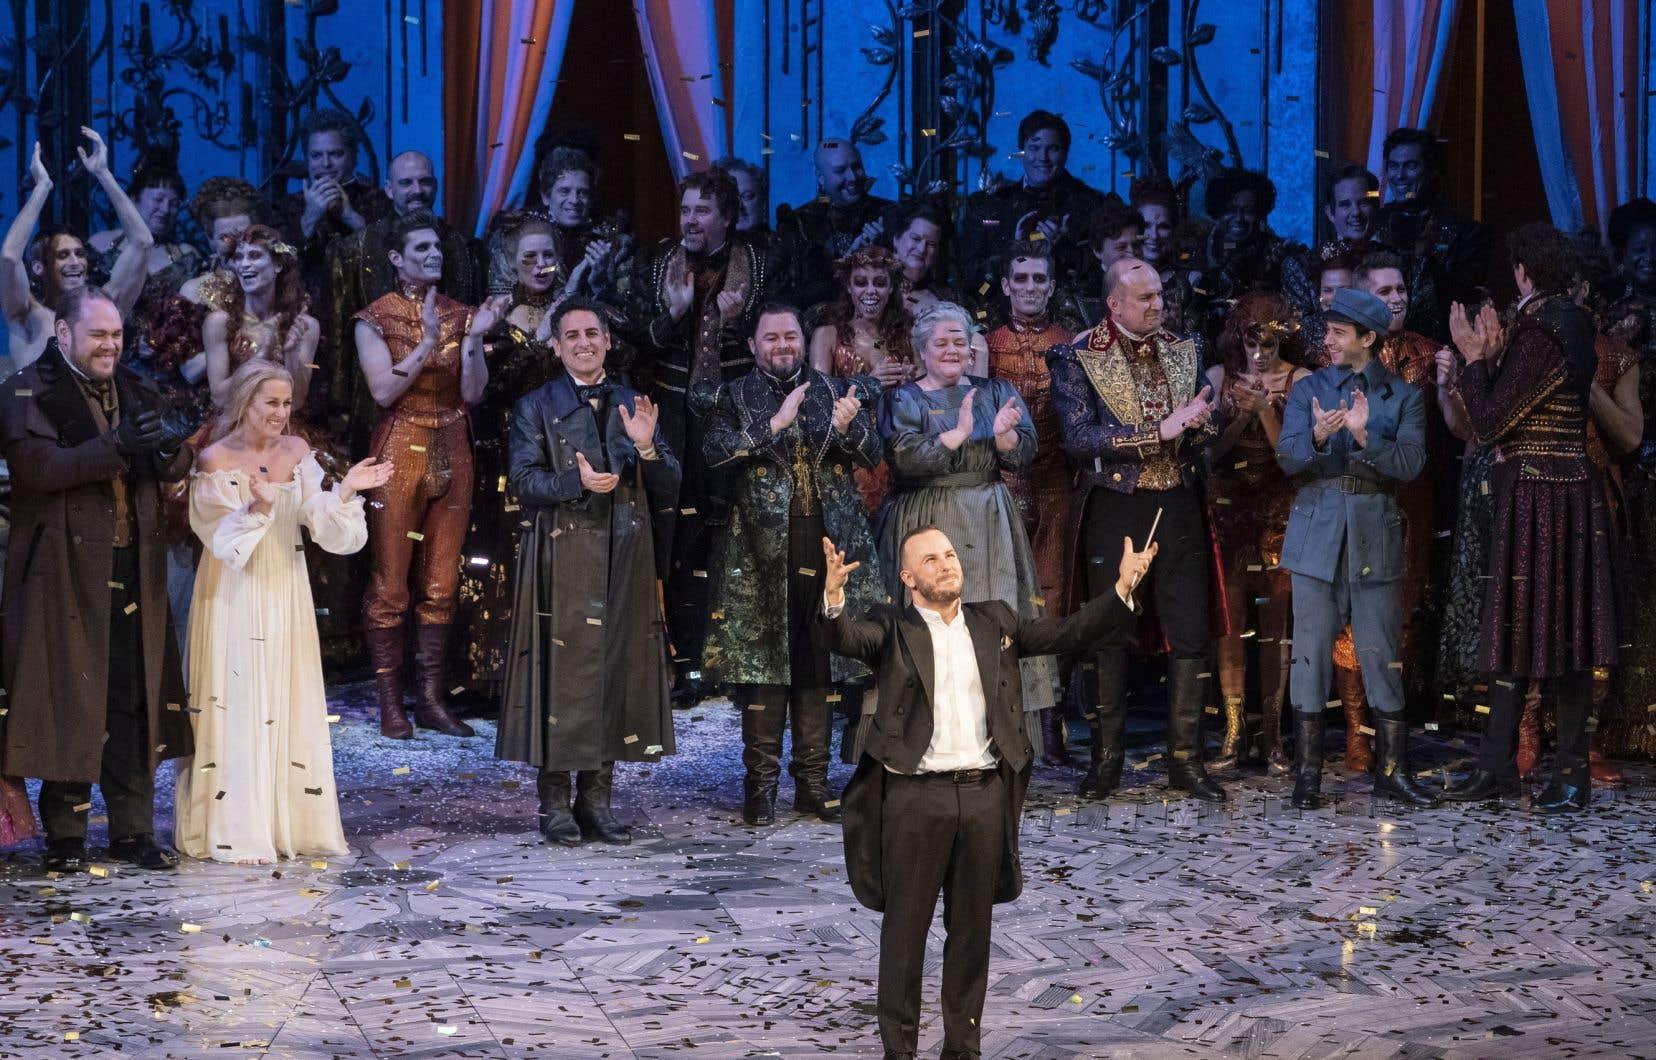 Des confettis dorés ont été largués sur Yannick Nézet-Séguin lors de son salut, et l'orchestre est revenu sur scène pour faire des révérences derrière lui.